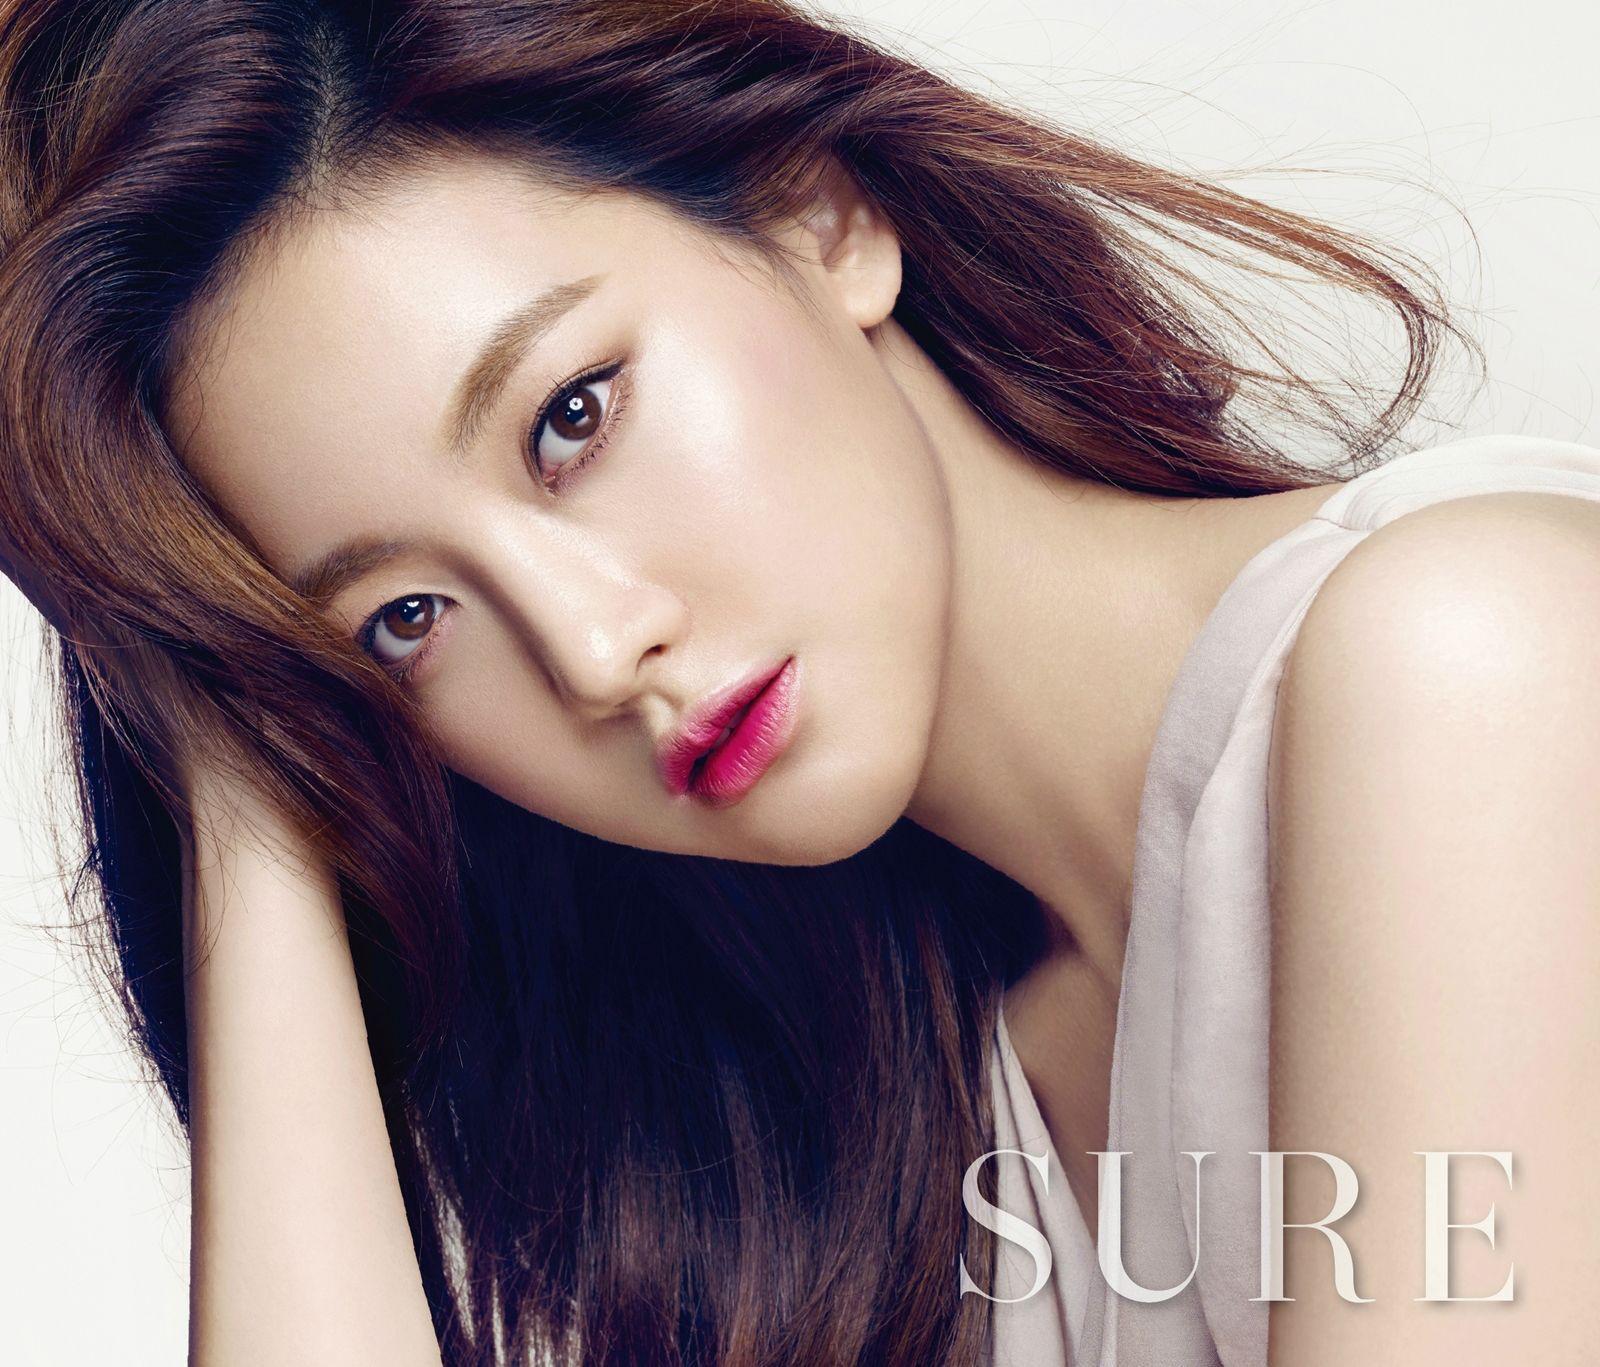 Bạn gái Kim Bum: Mỹ nhân sở hữu combo mặt xinh và body nóng bỏng, nhưng bị tố dao kéo và giả tạo - Ảnh 3.